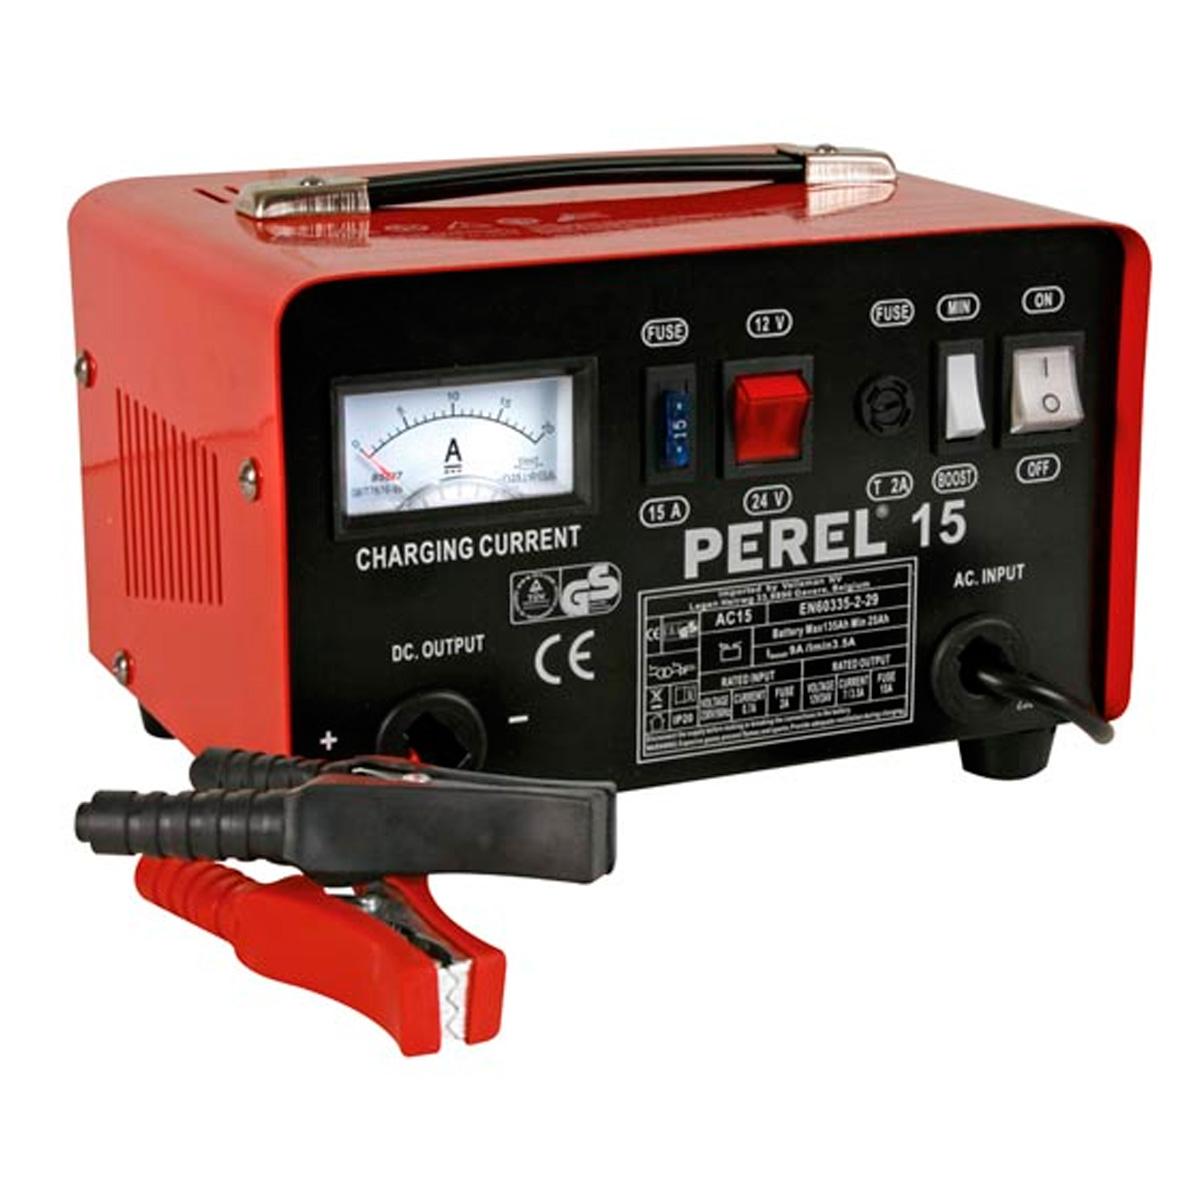 Cargador bateria de plomo acido 12 24v 9a - Cargador de baterias ...